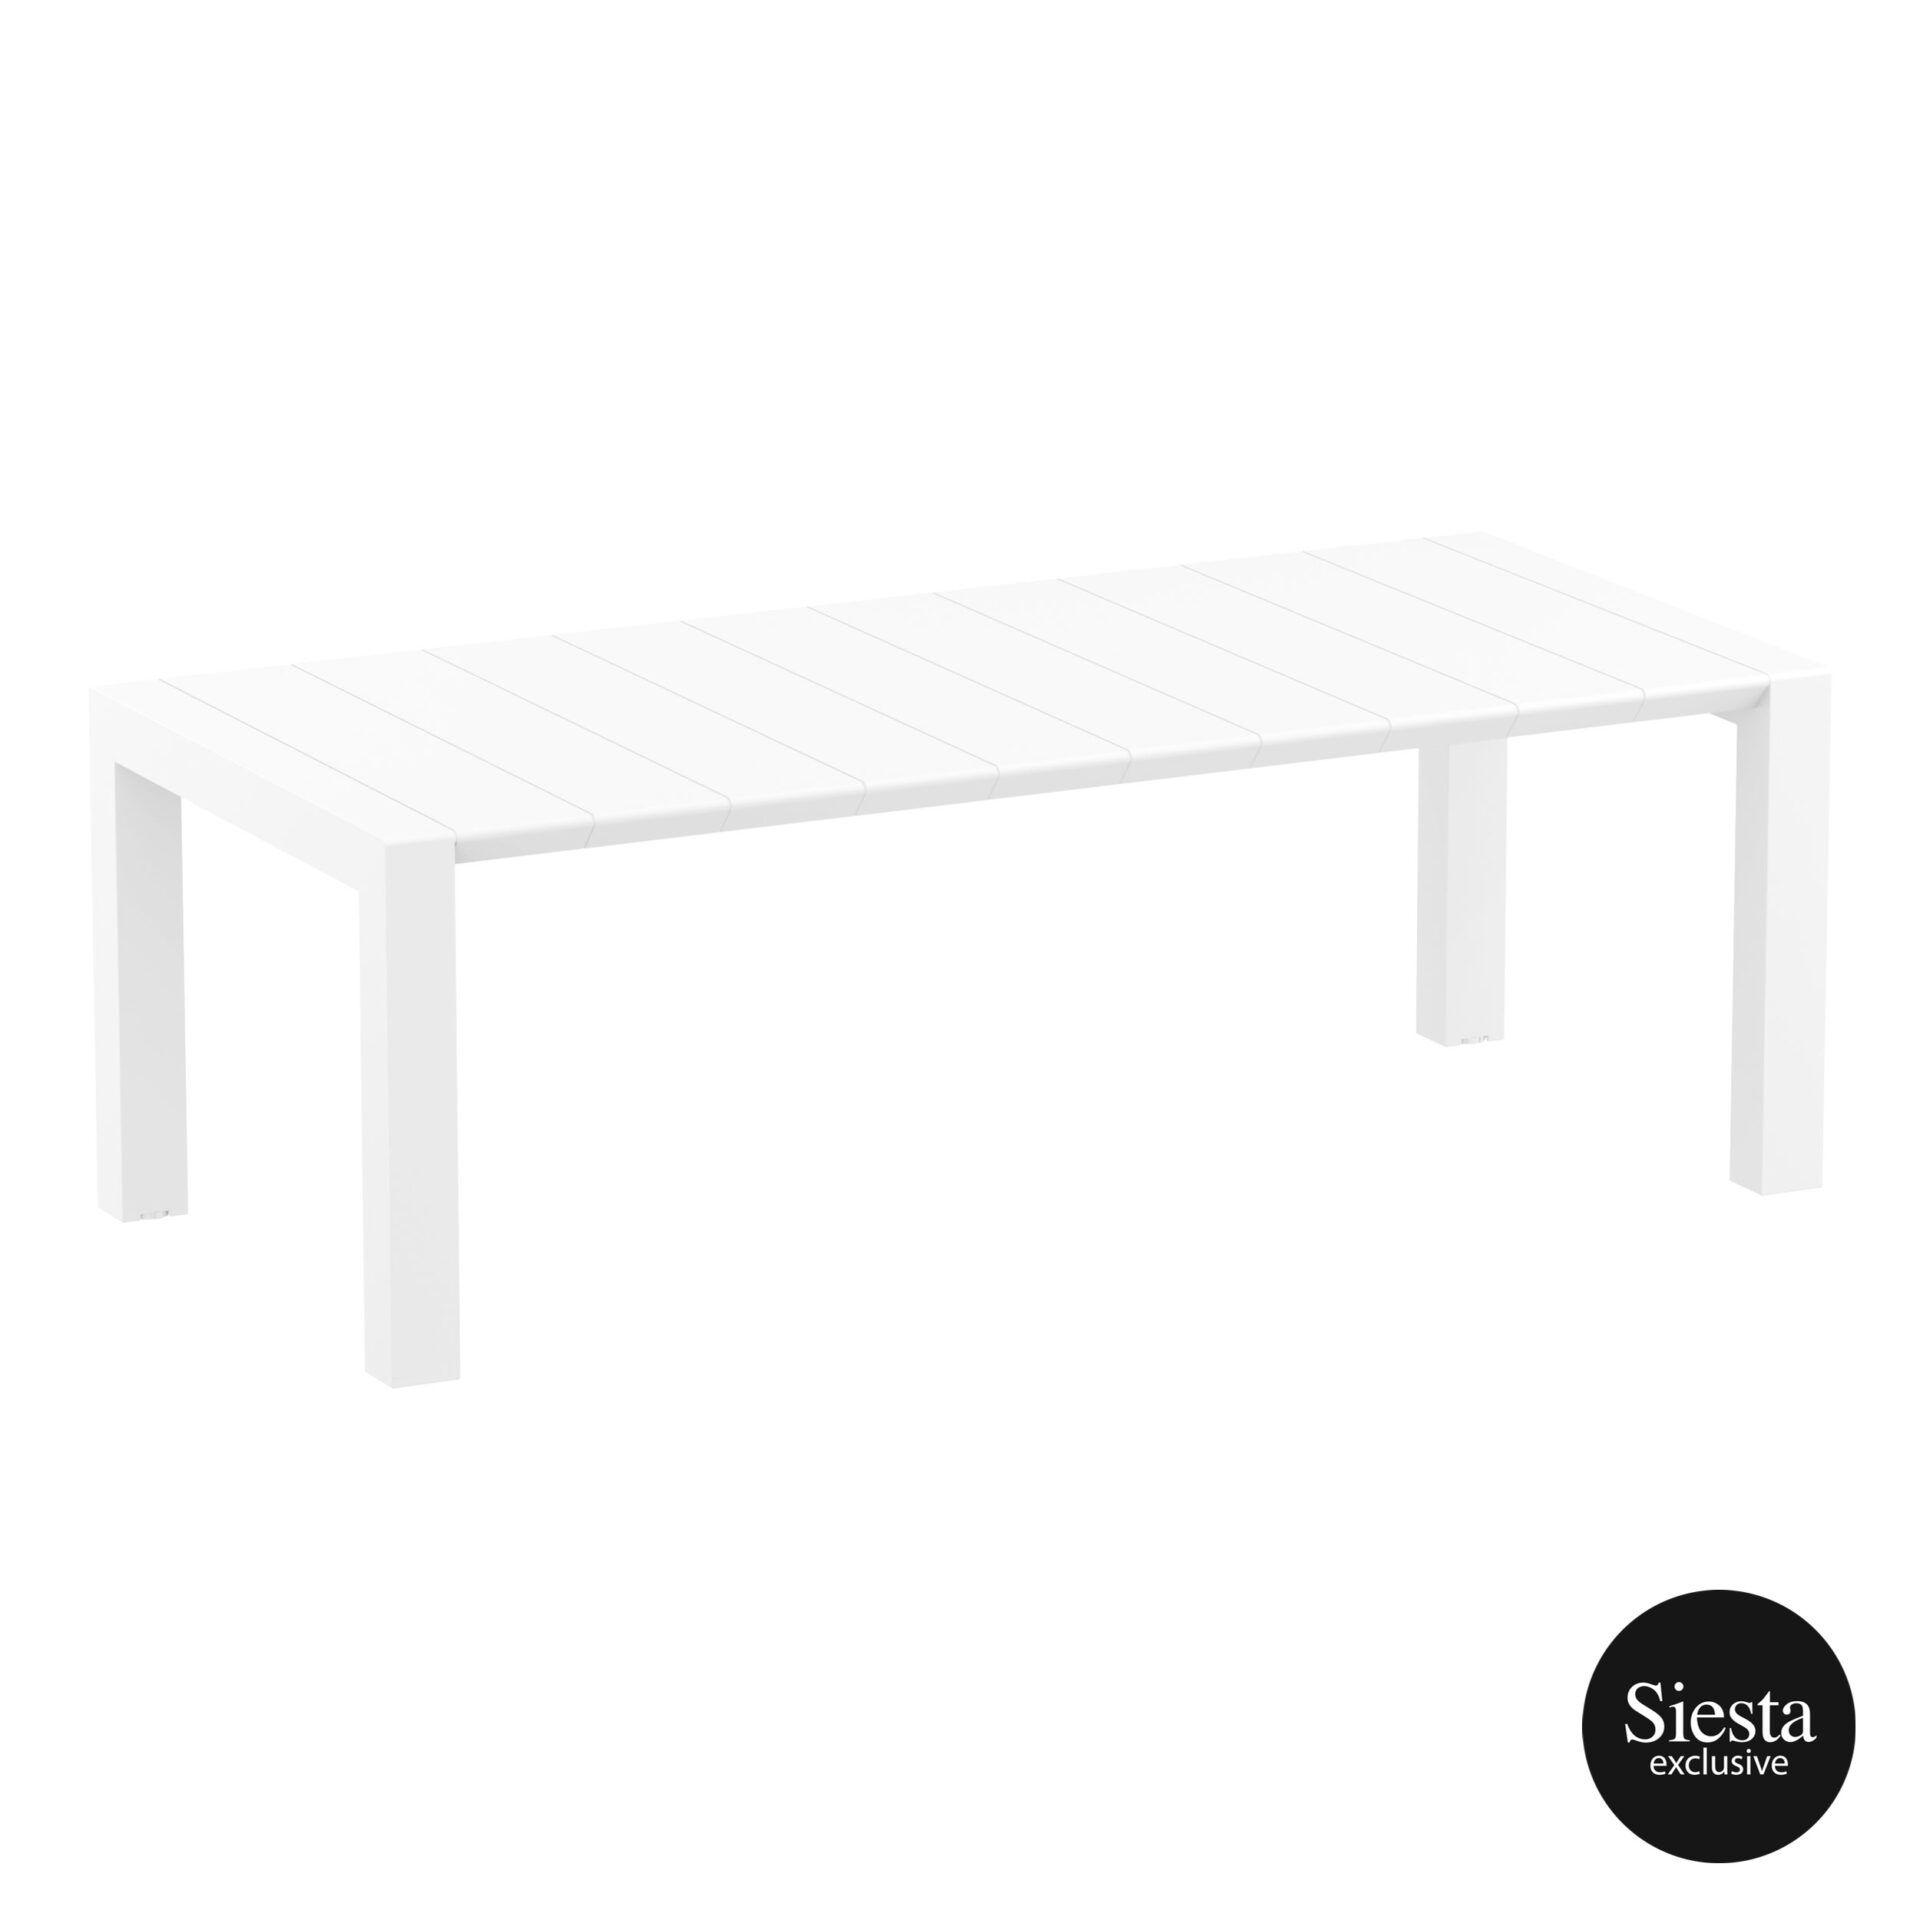 022 vegas medium table 220 white front side